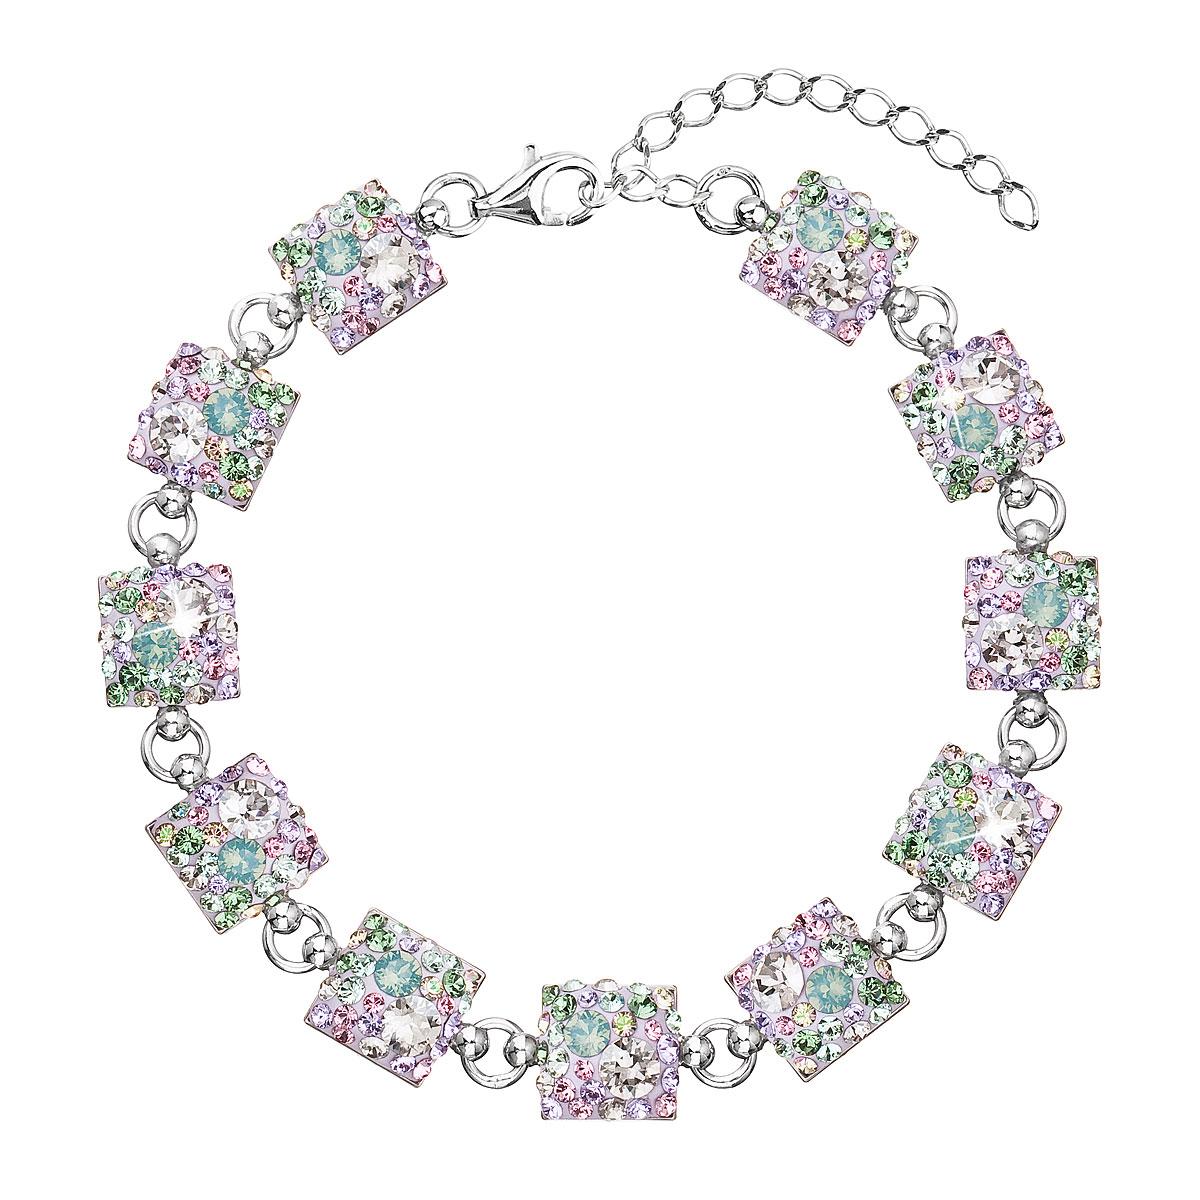 Evolution Group Stříbrný náramek se Swarovski krystaly mix barev 33047.3 sakura